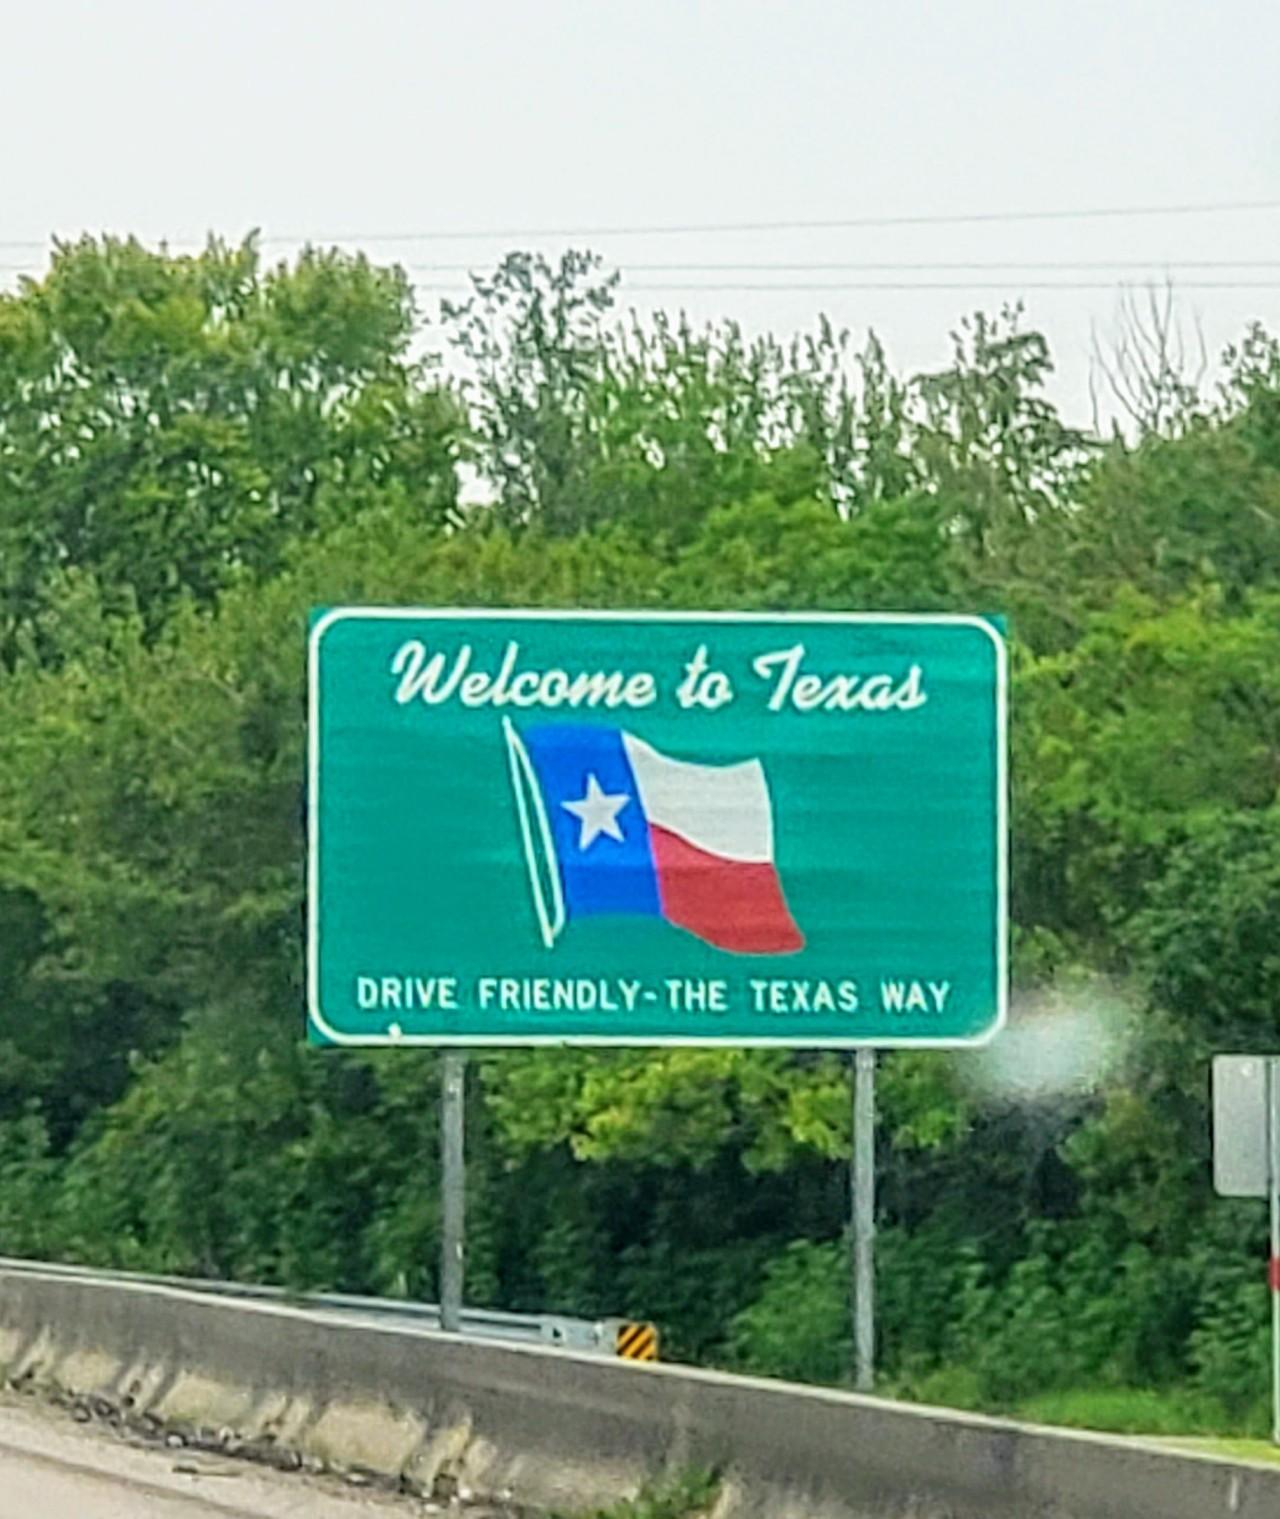 Headed to Texas